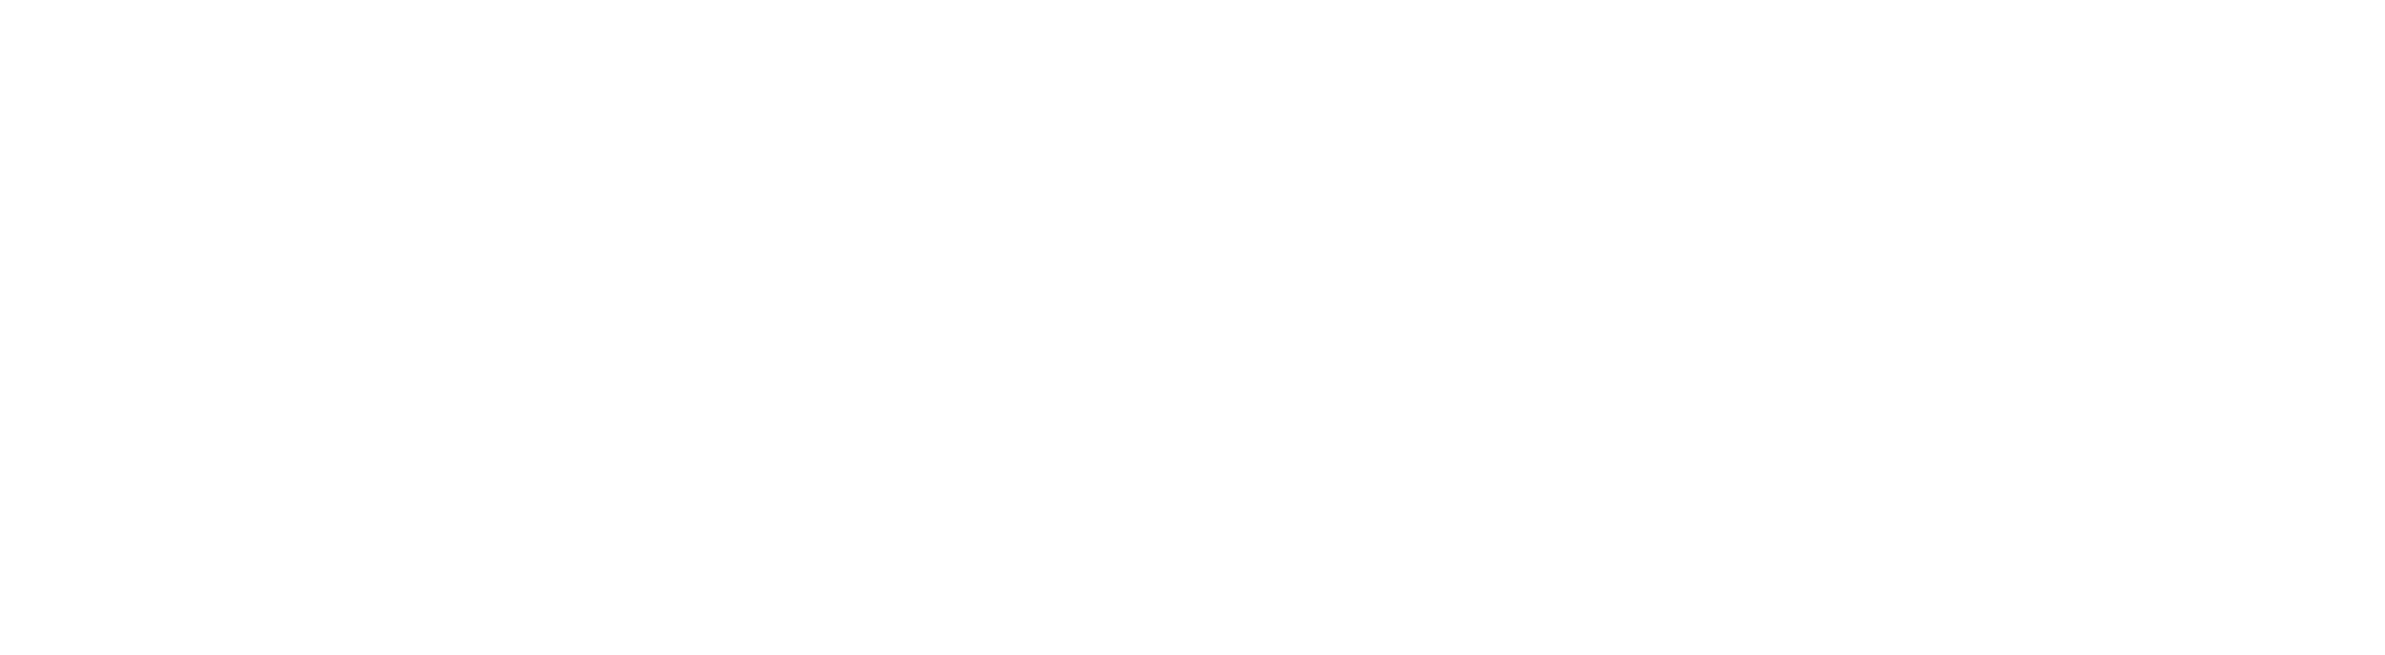 PROSPERO CREATIONS